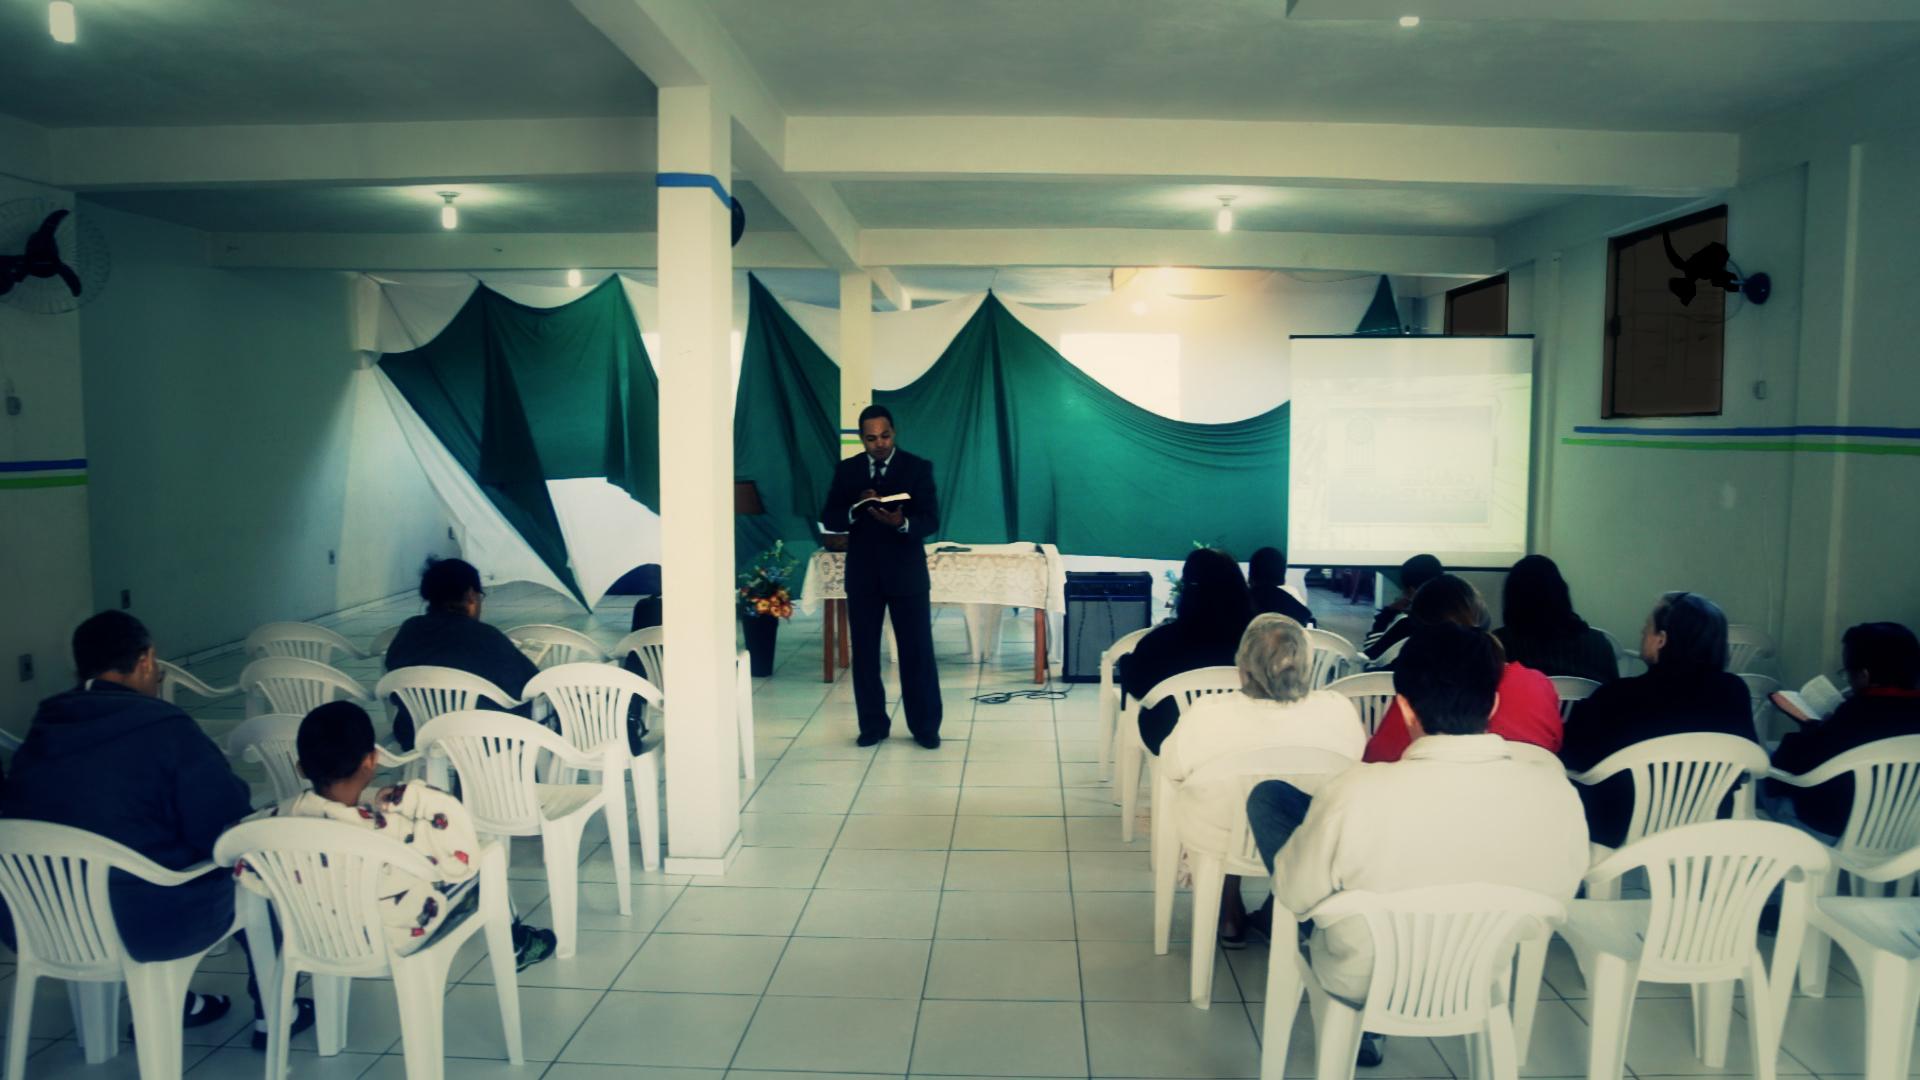 Evangelismo em Bicas, ciudad a aproximadamente a 43 kilómetros de Juiz de Fora. La próxima fecha de evangelismo está prevista para noviembre.